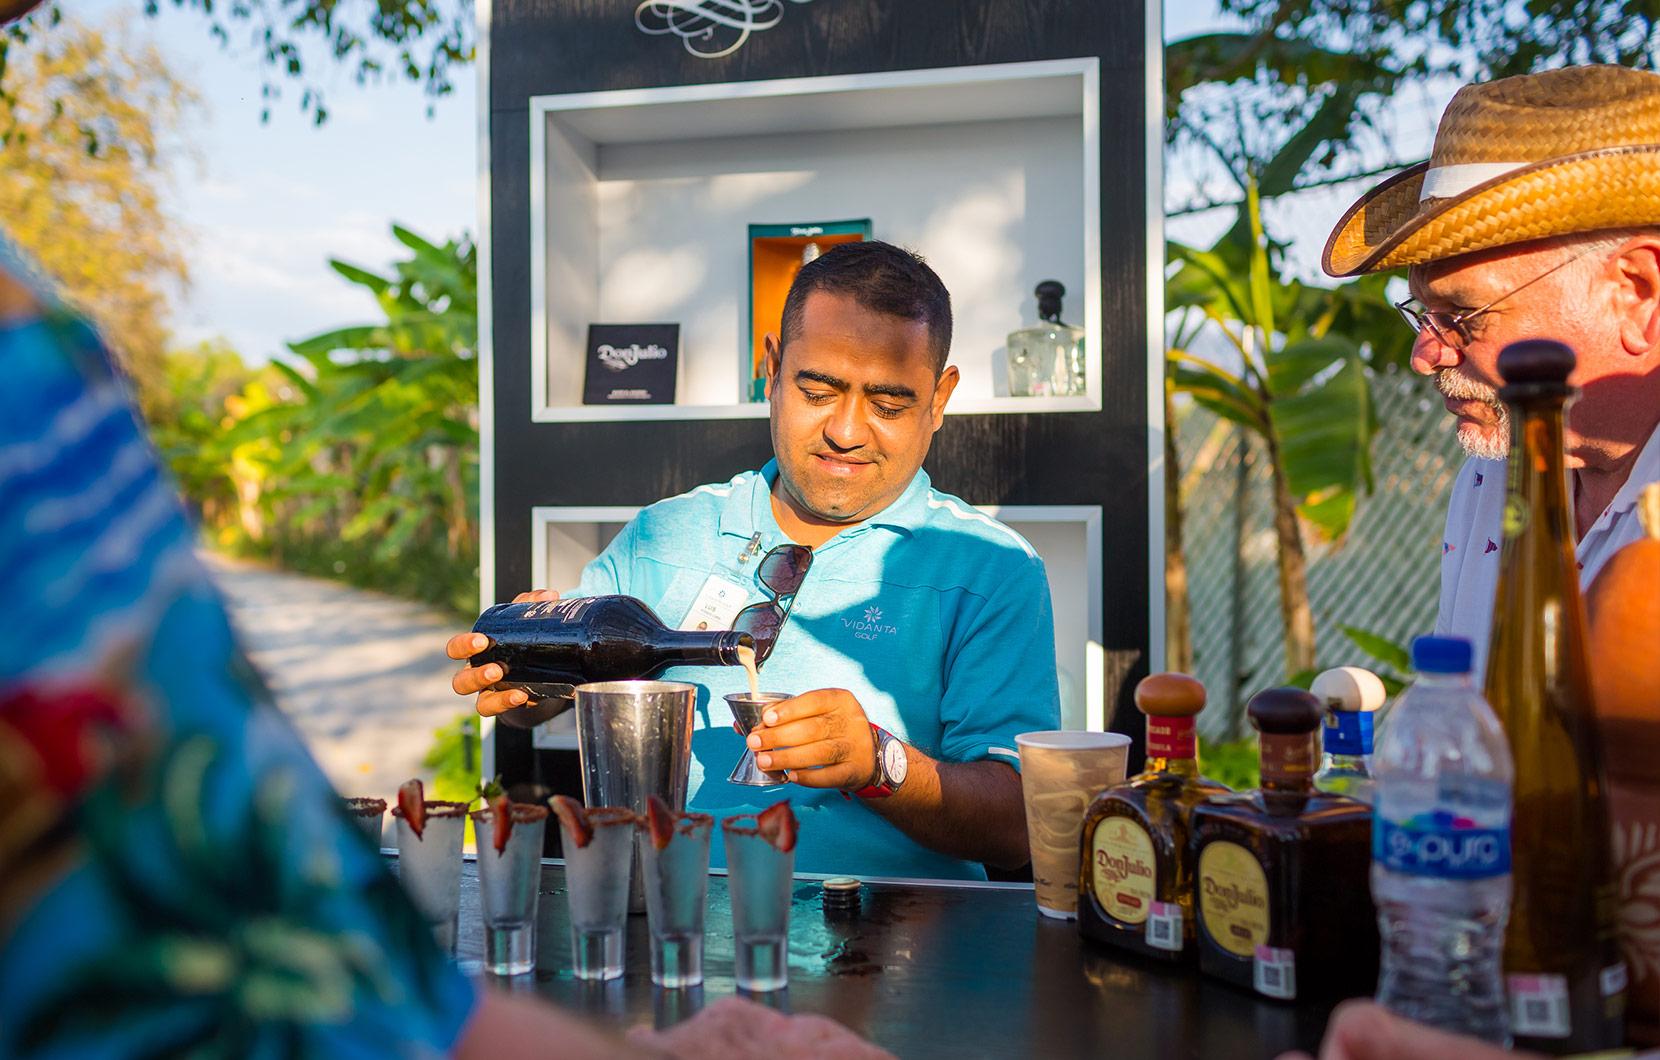 A lo largo de tour usted aprenderá todo acerca del tequila, incluyendo una o dos recetas.